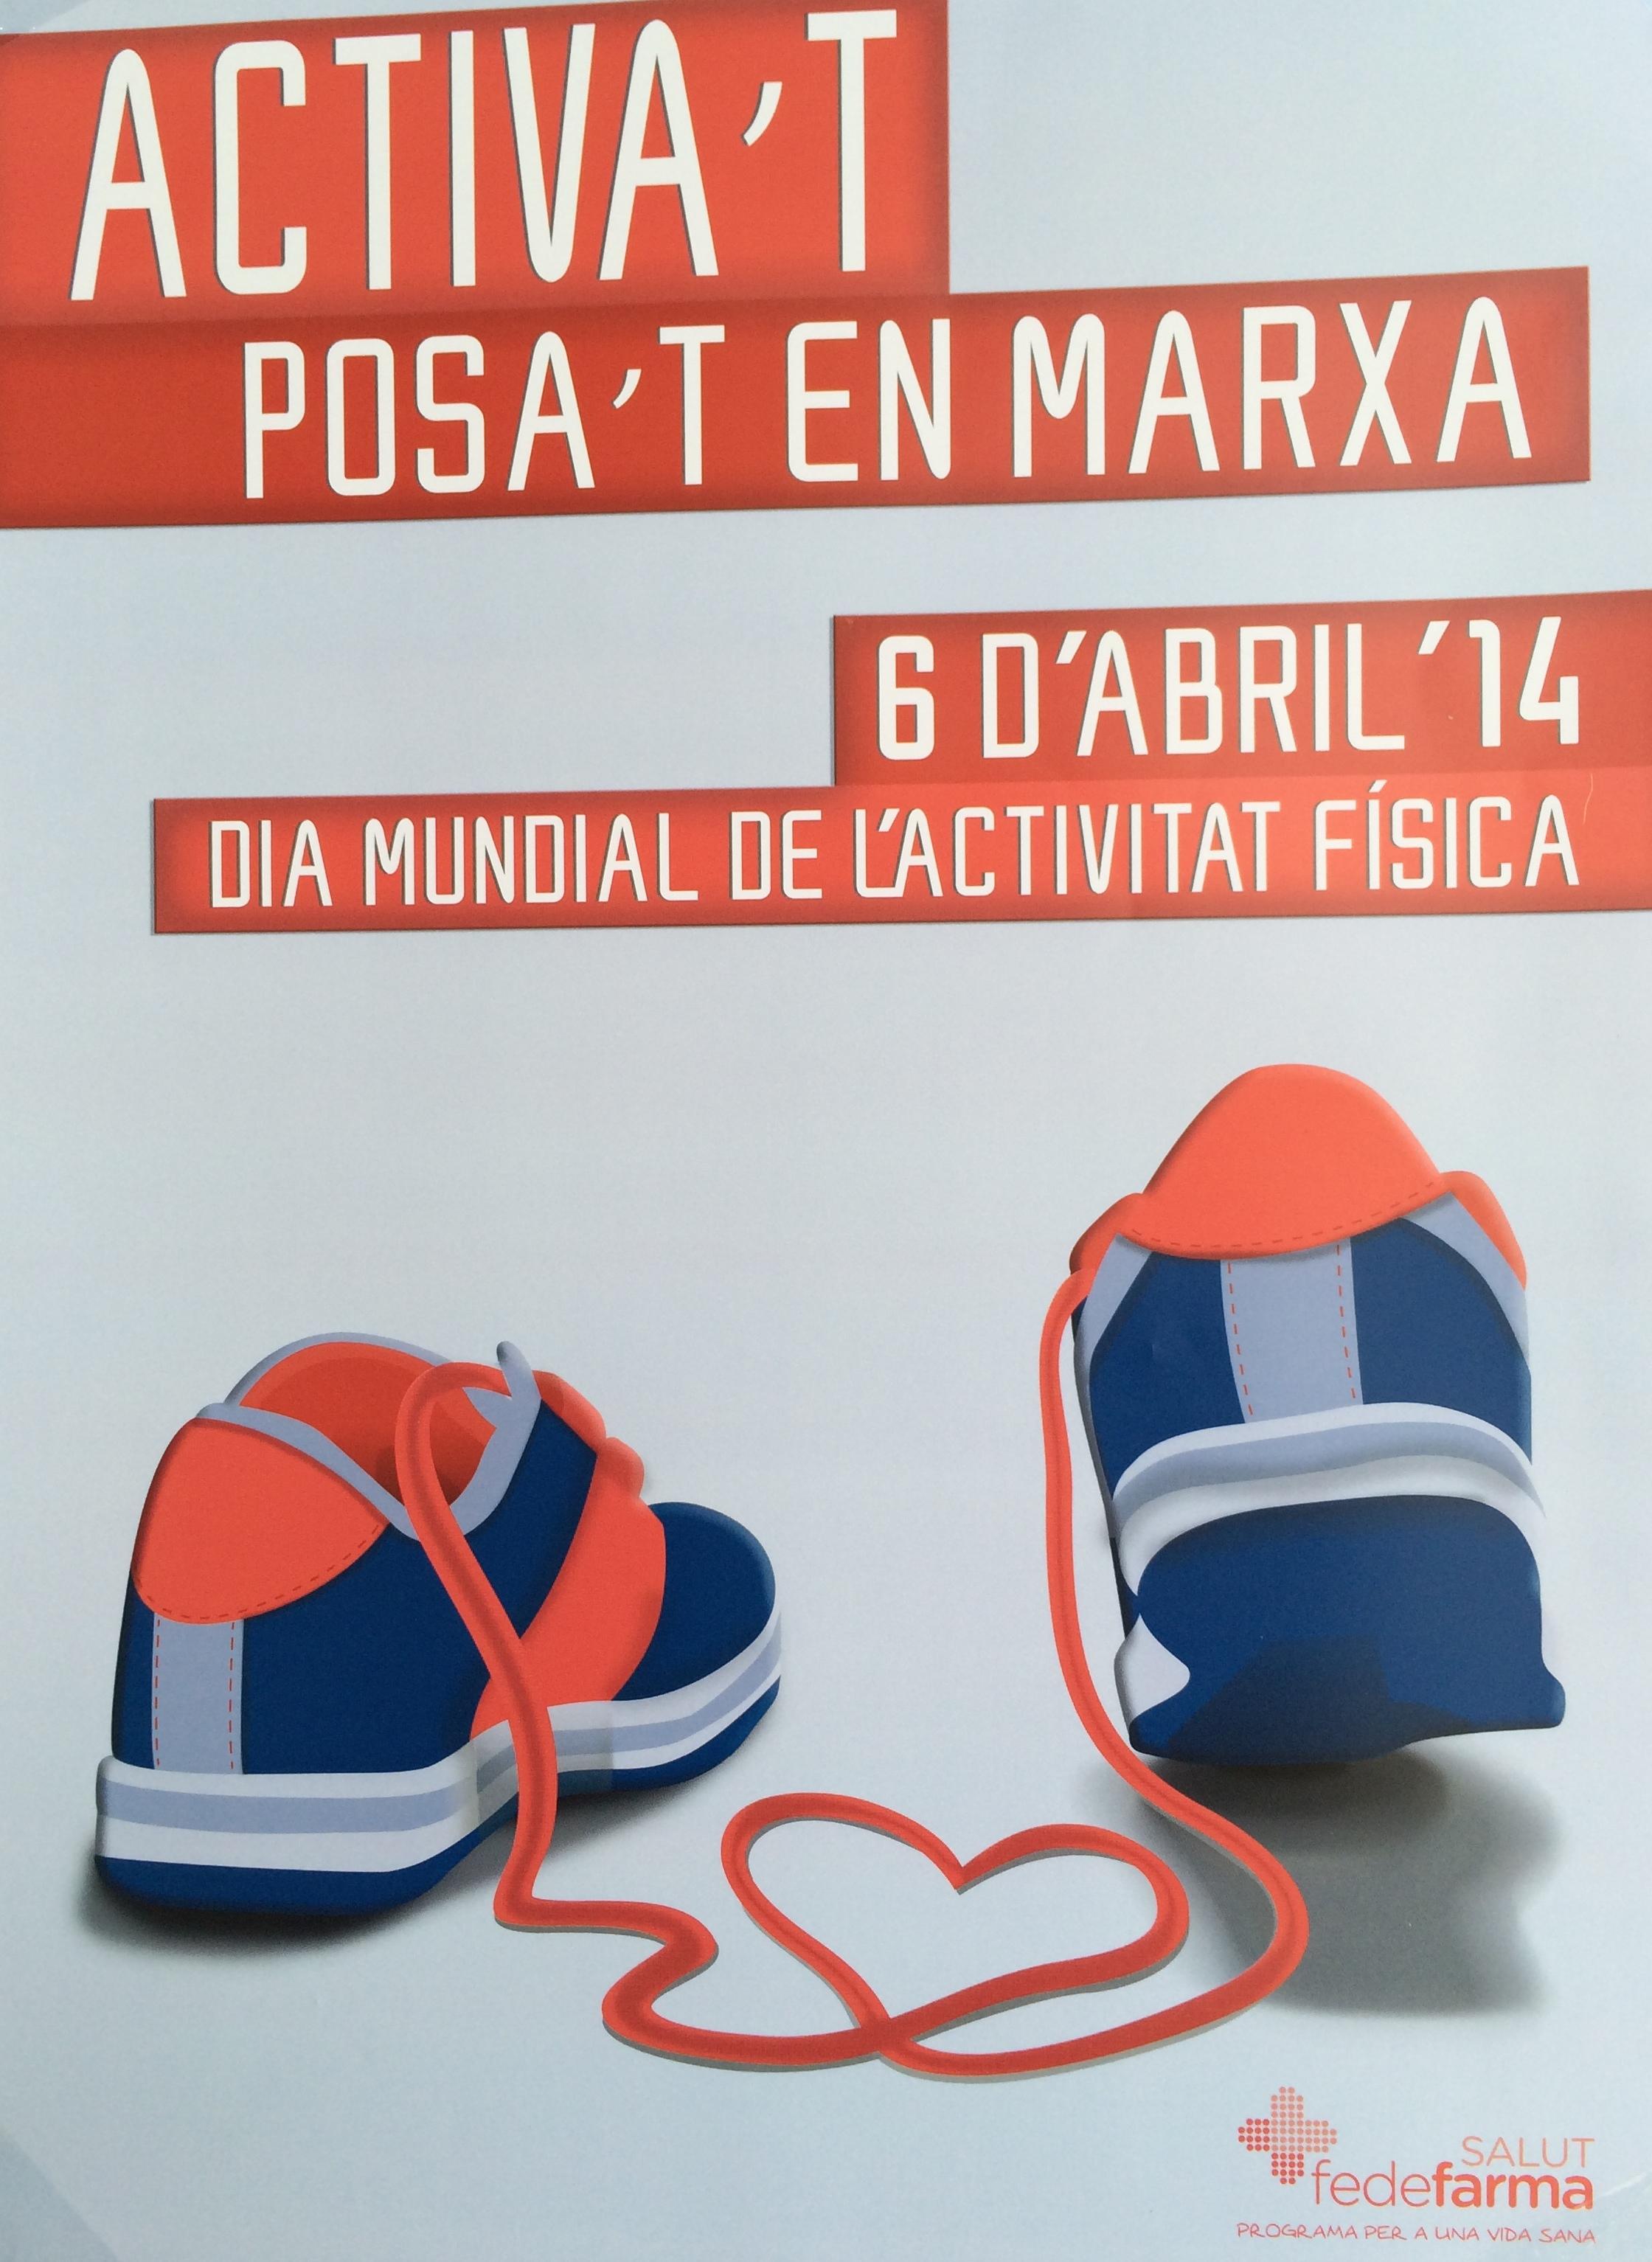 Día Mundial de la Actividad Física 6 de Abril de 2014